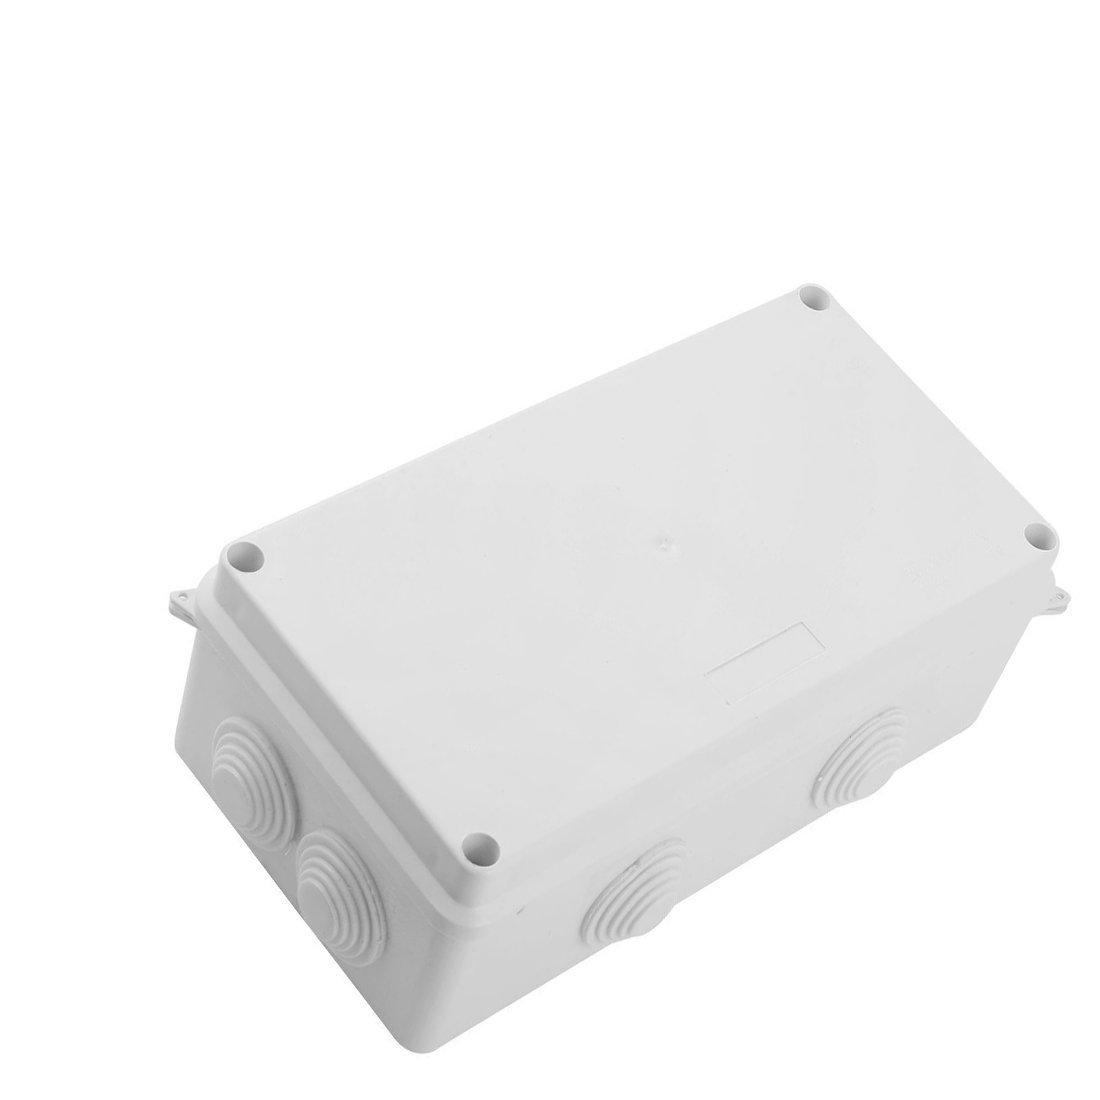 Saim ABS IP65//étanche 26/mm 8/entr/ées de c/âble Blanc Bo/îte de jonction 200/x 100/x 70/mm